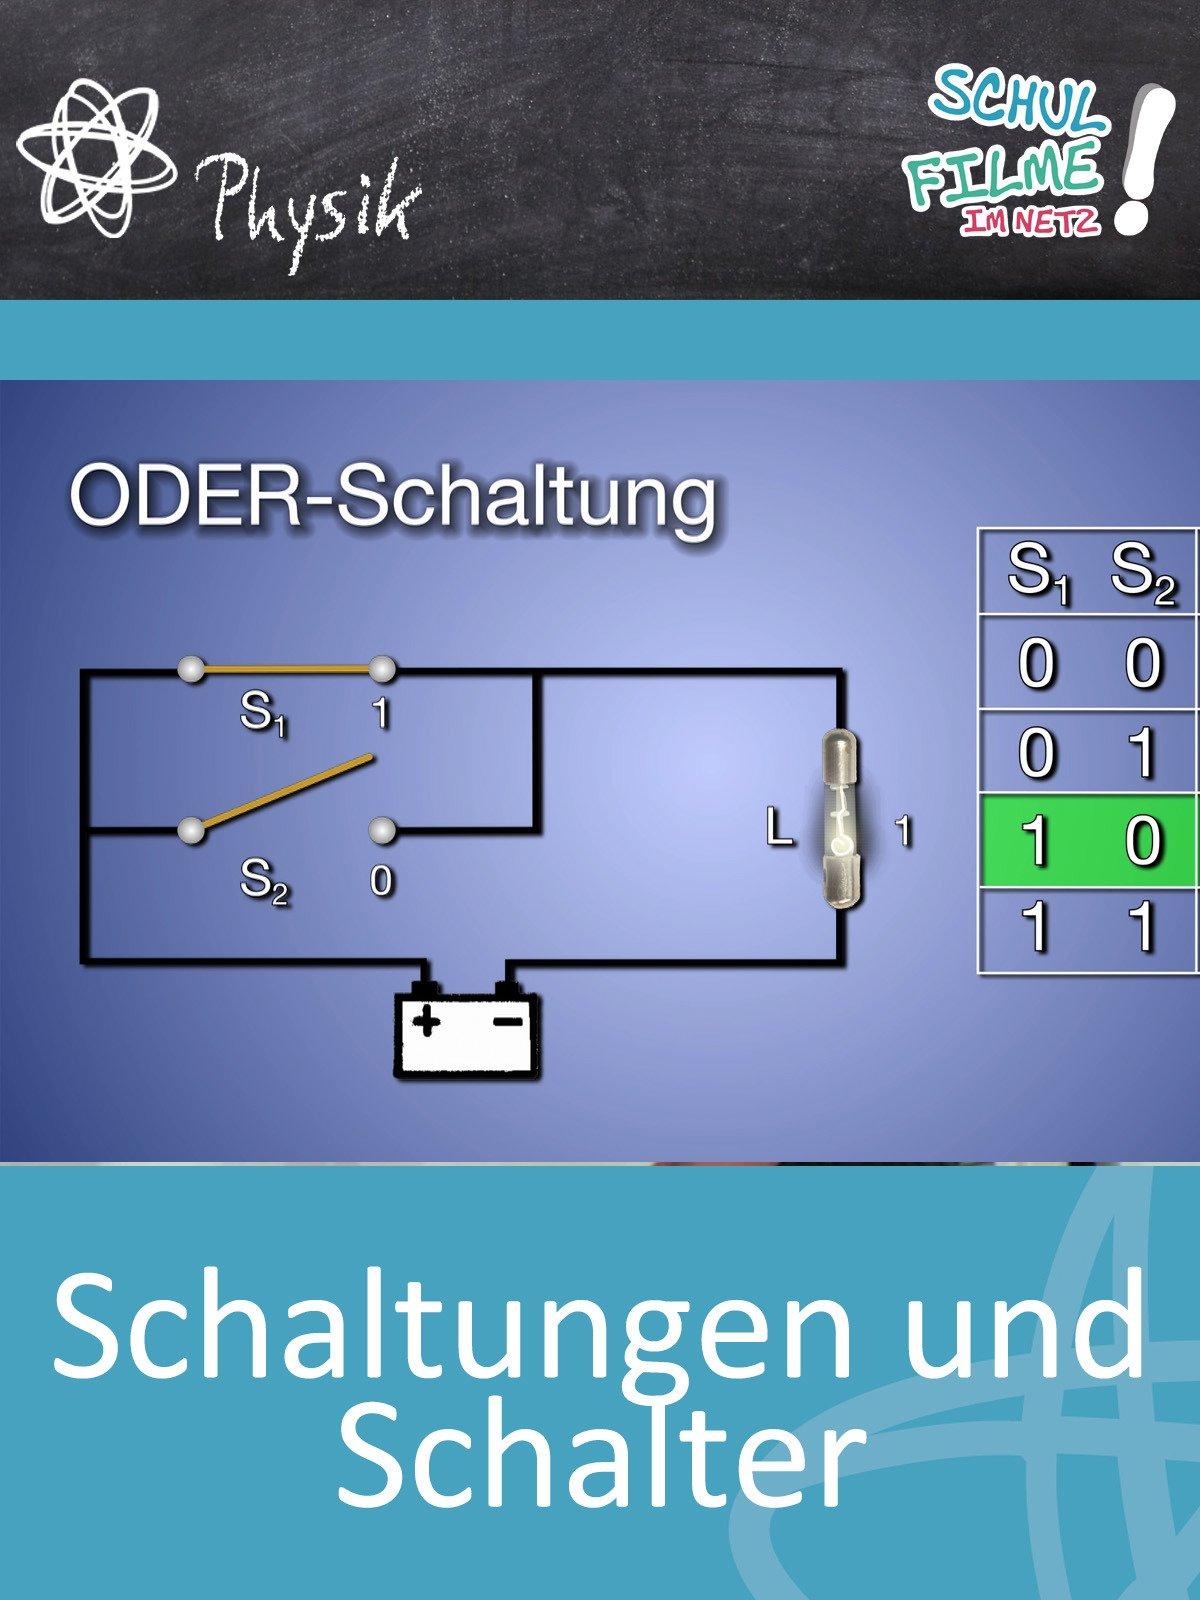 Schaltungen und Schalter - Schulfilm Physik online schauen und ...